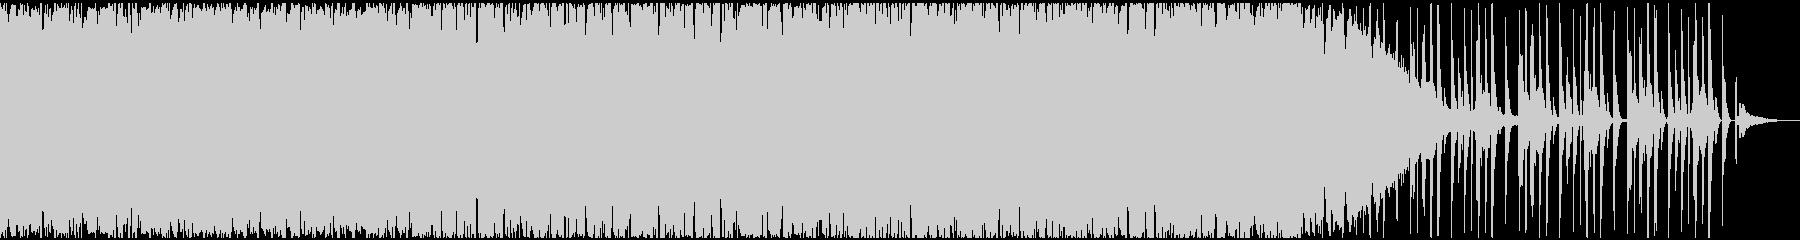 【フューチャーベース】ロング6の未再生の波形